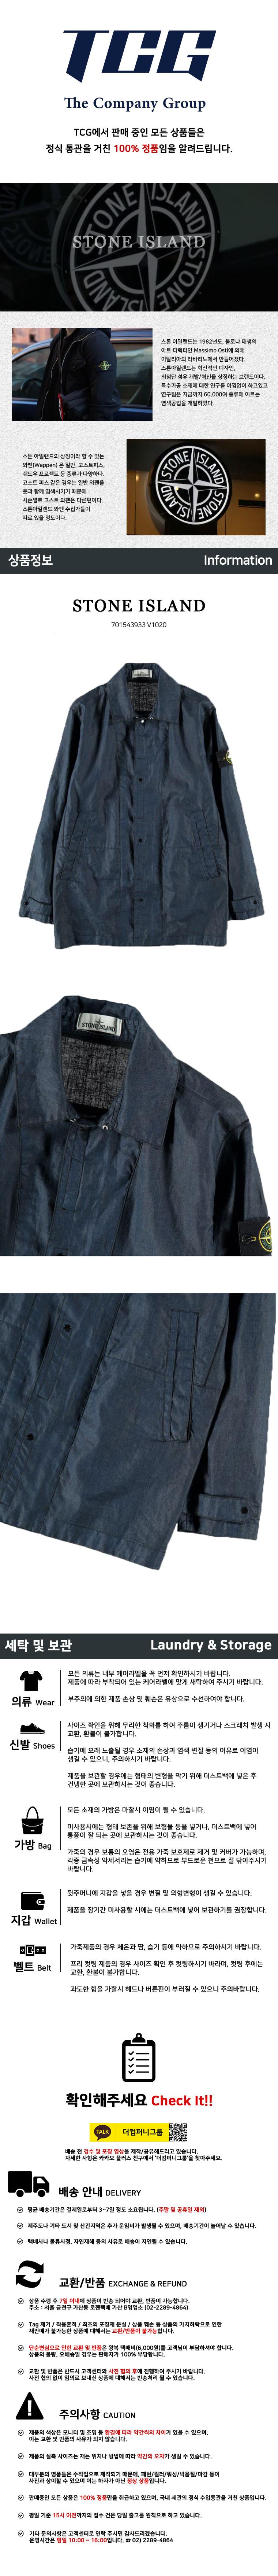 스톤아일랜드 701543933 V1020 싱글 브레스티드 집업 자켓 T19C356